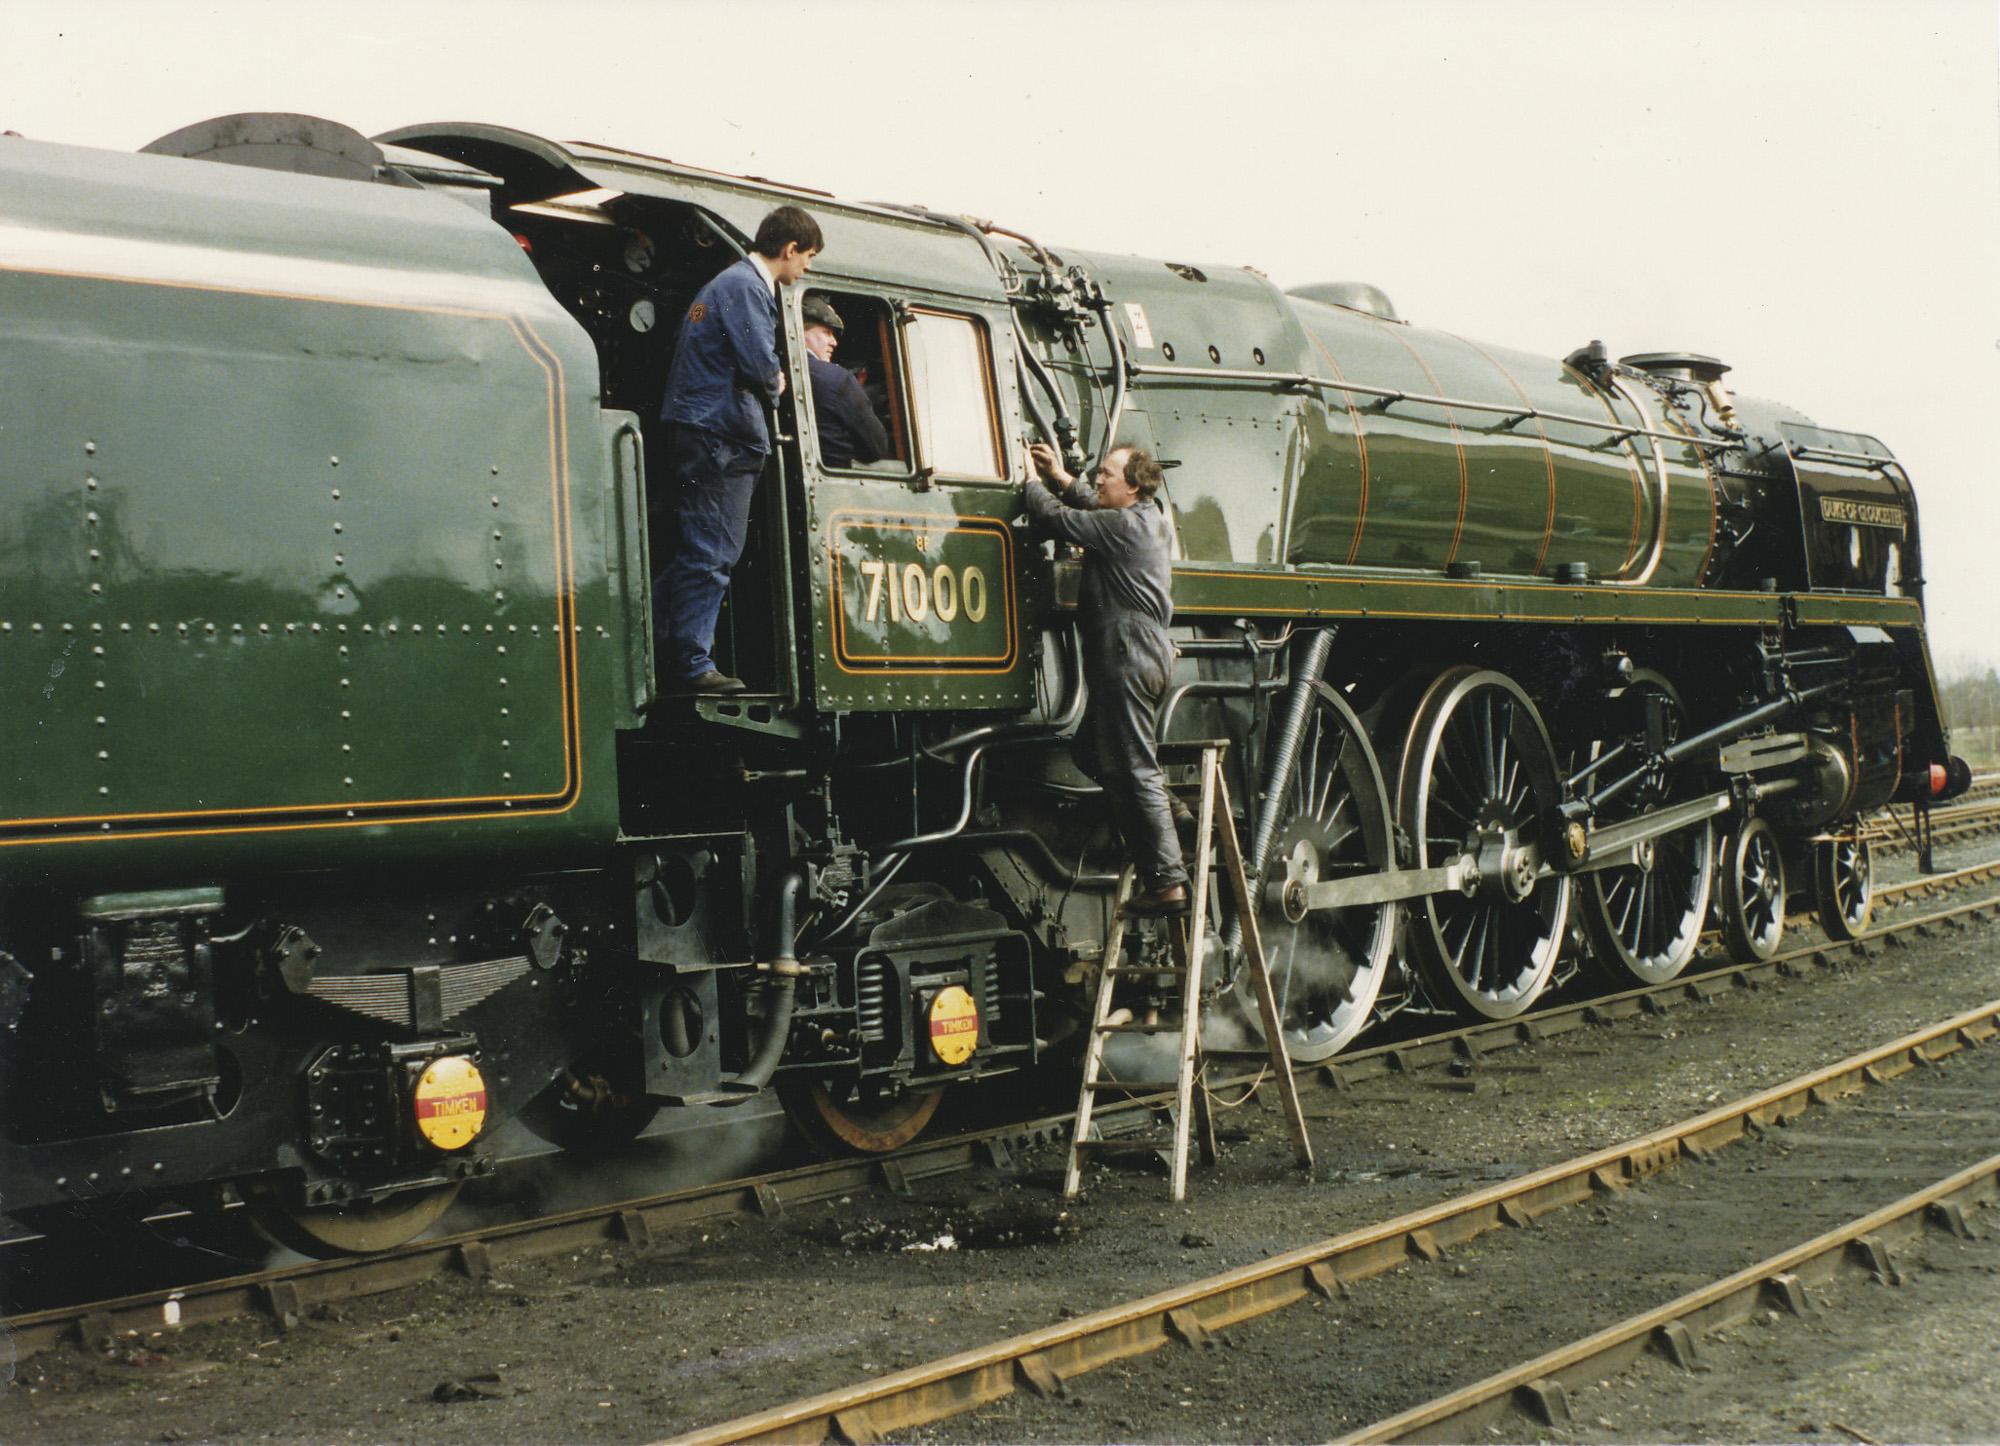 71000 Duke of Gloucester. © Bob Robson/6024 PS Ltd